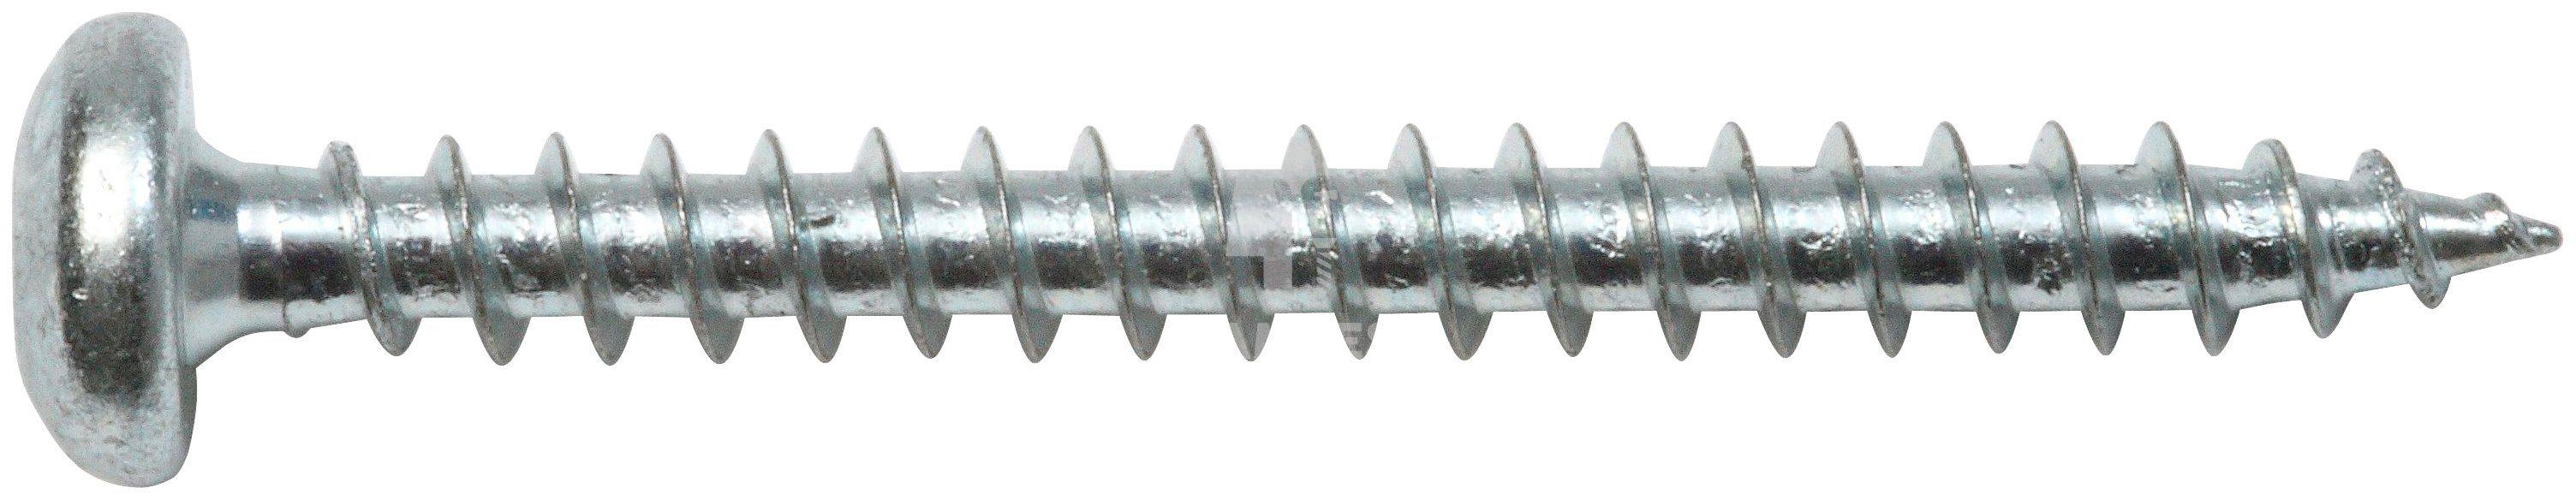 RAMSES Schrauben , Spanplattenschraube 4 x 25 mm 200 Stk.